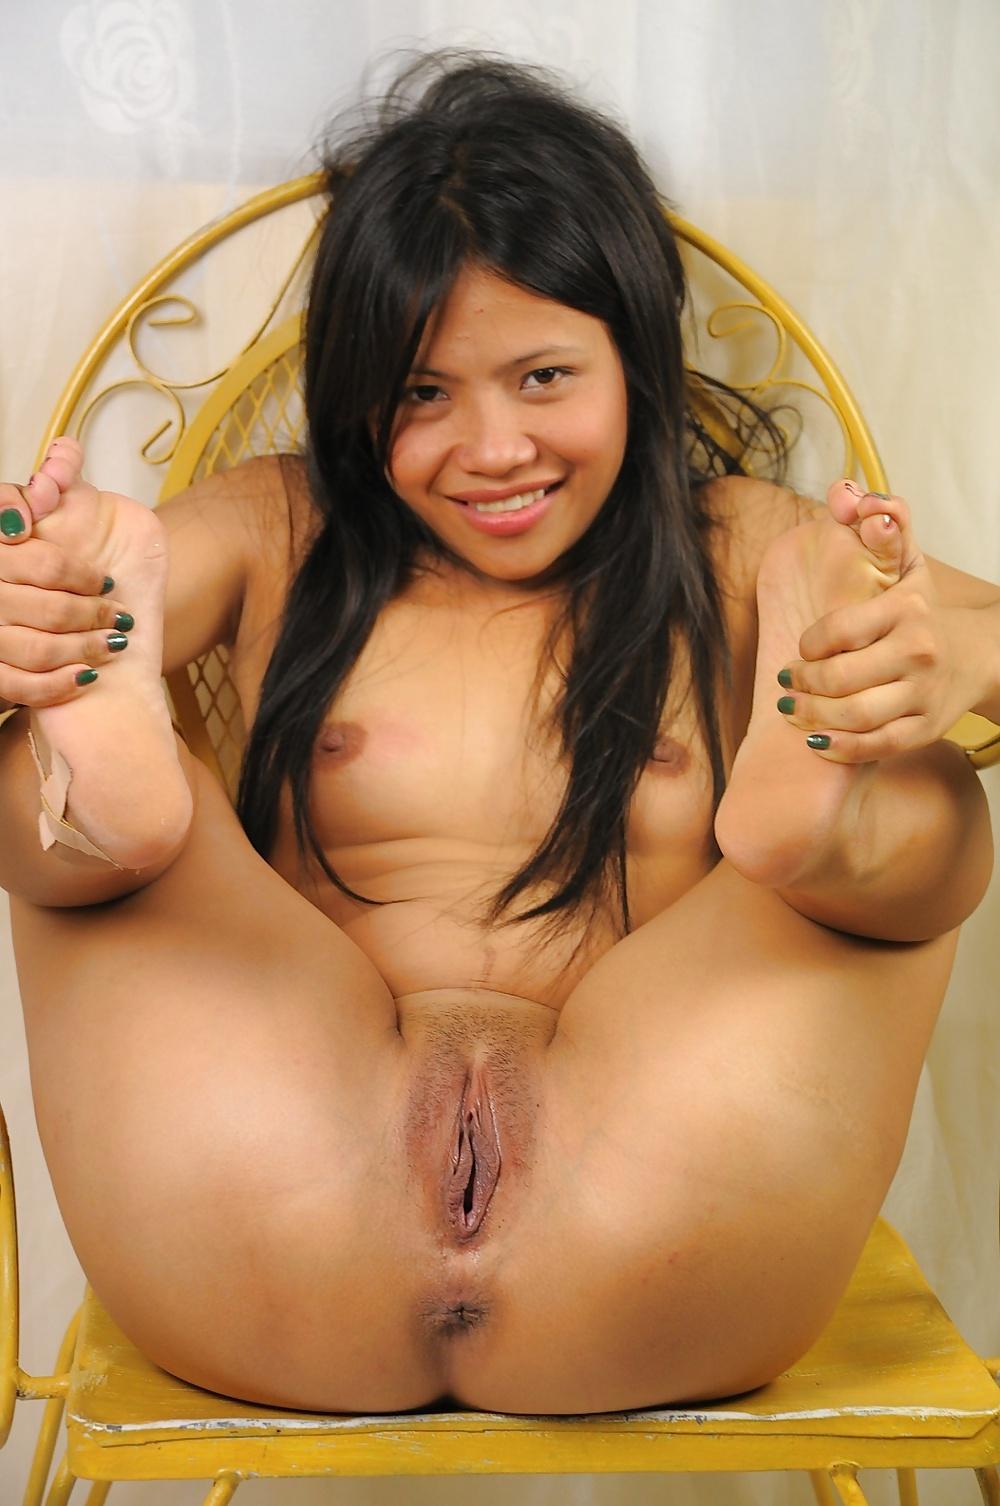 Naked Asian Girls 19 - 57 Pics  Xhamster-9107